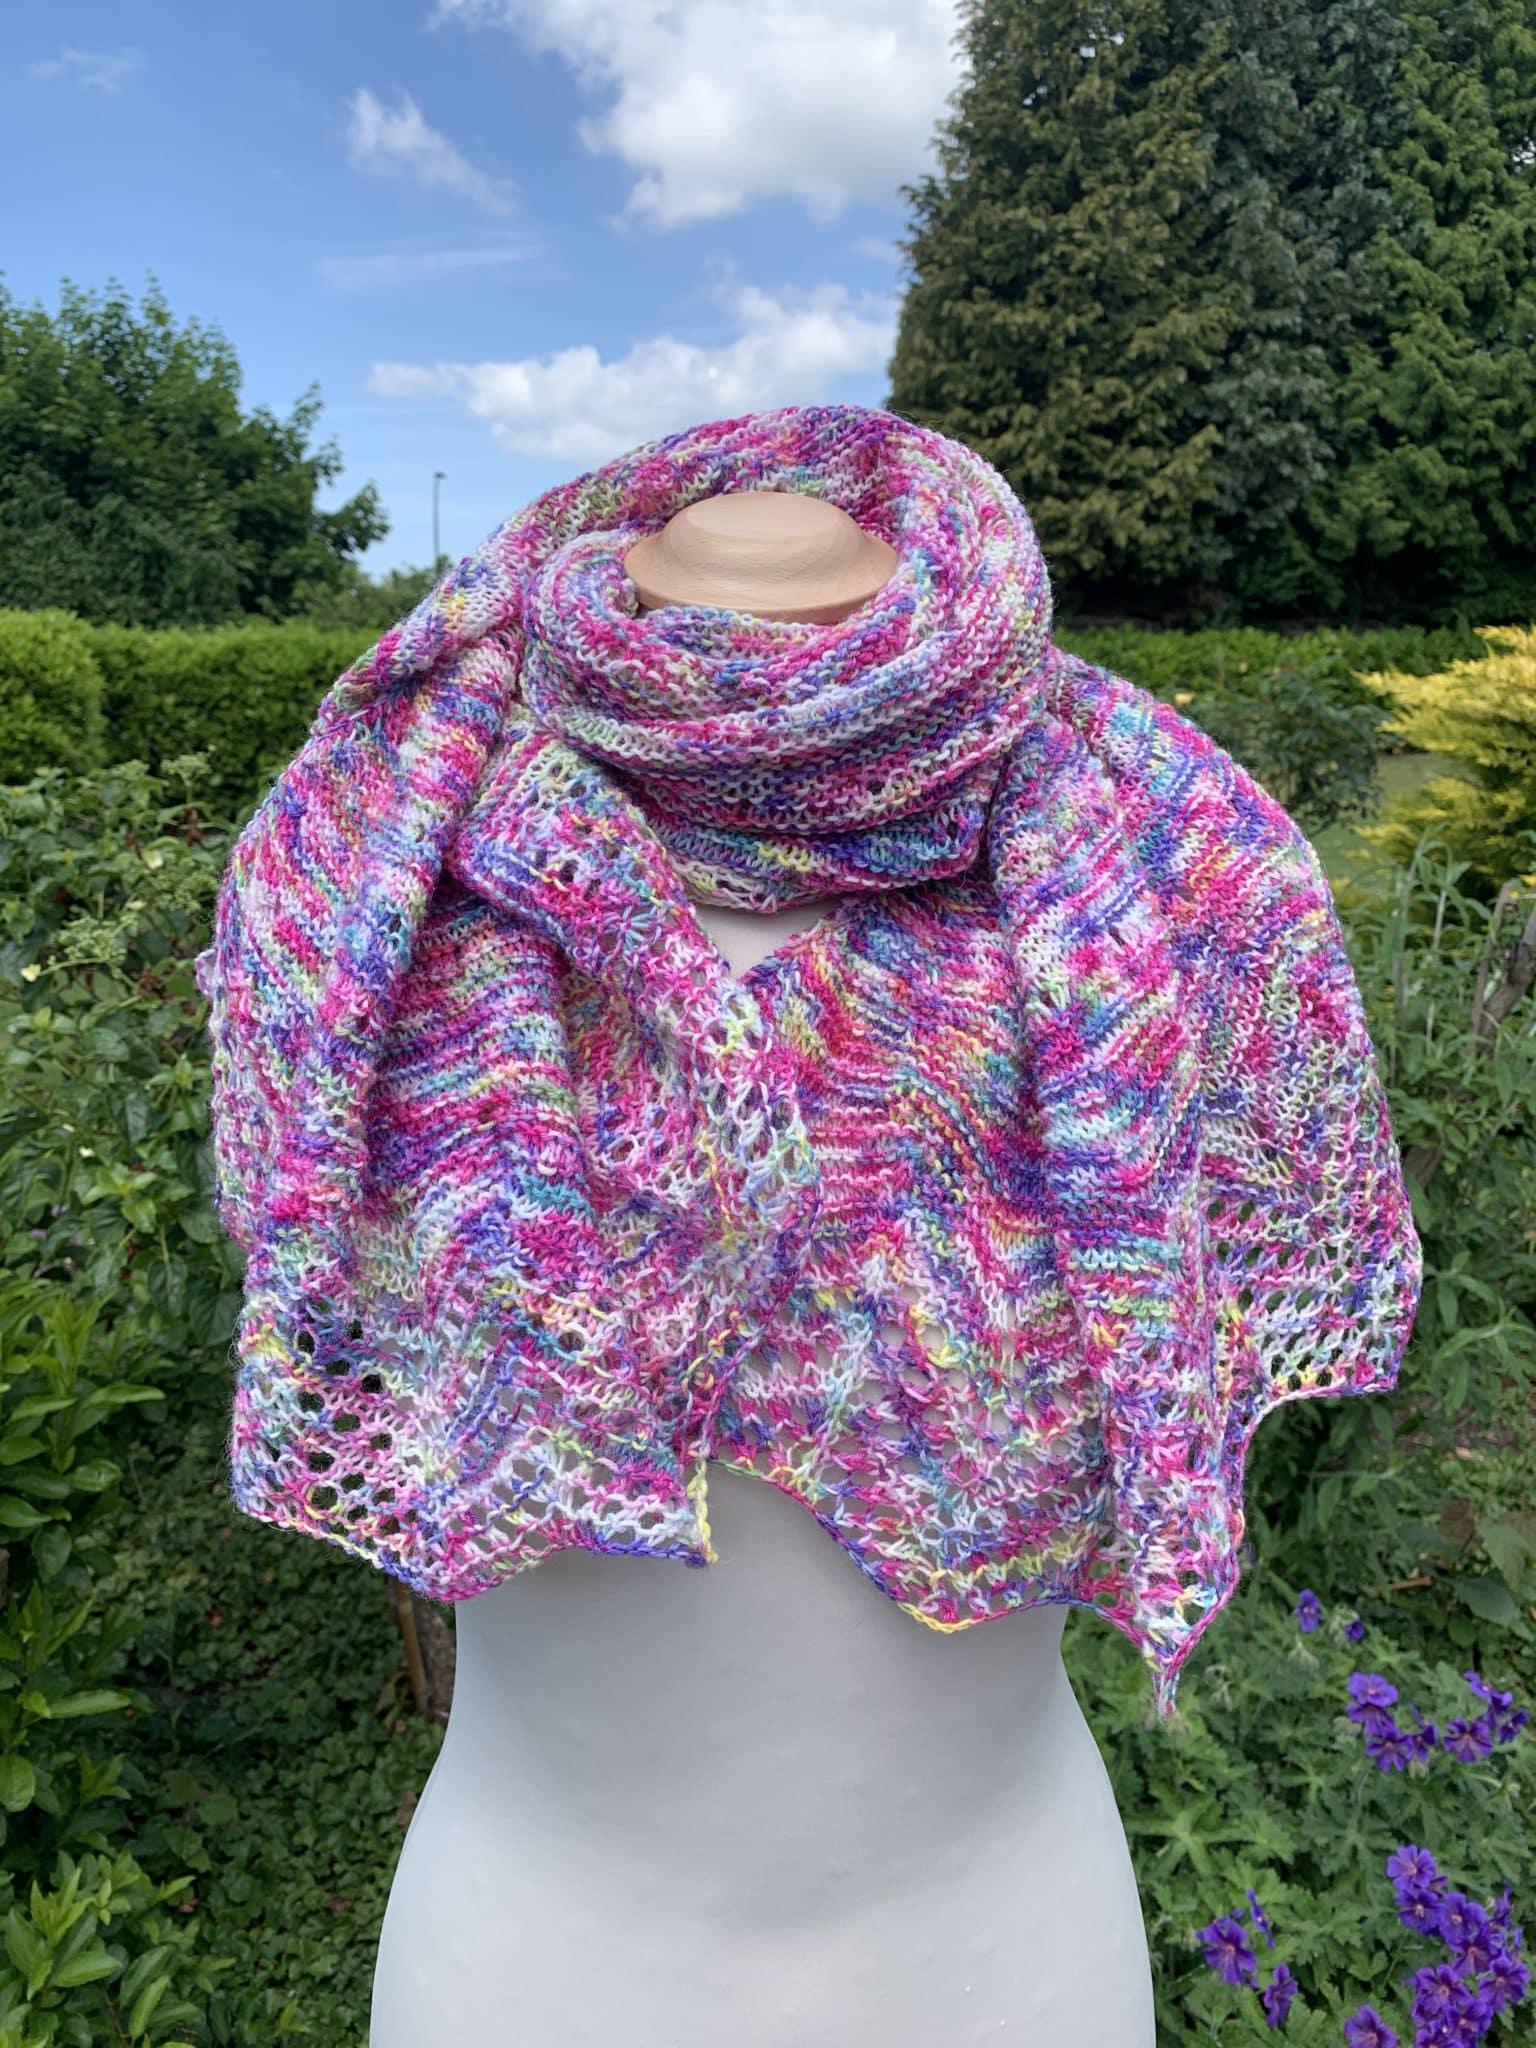 Handgefärbte Wolle Projekt: Sunshower Shawl by Ambah O'Brien gefärbte Wolle kaufen